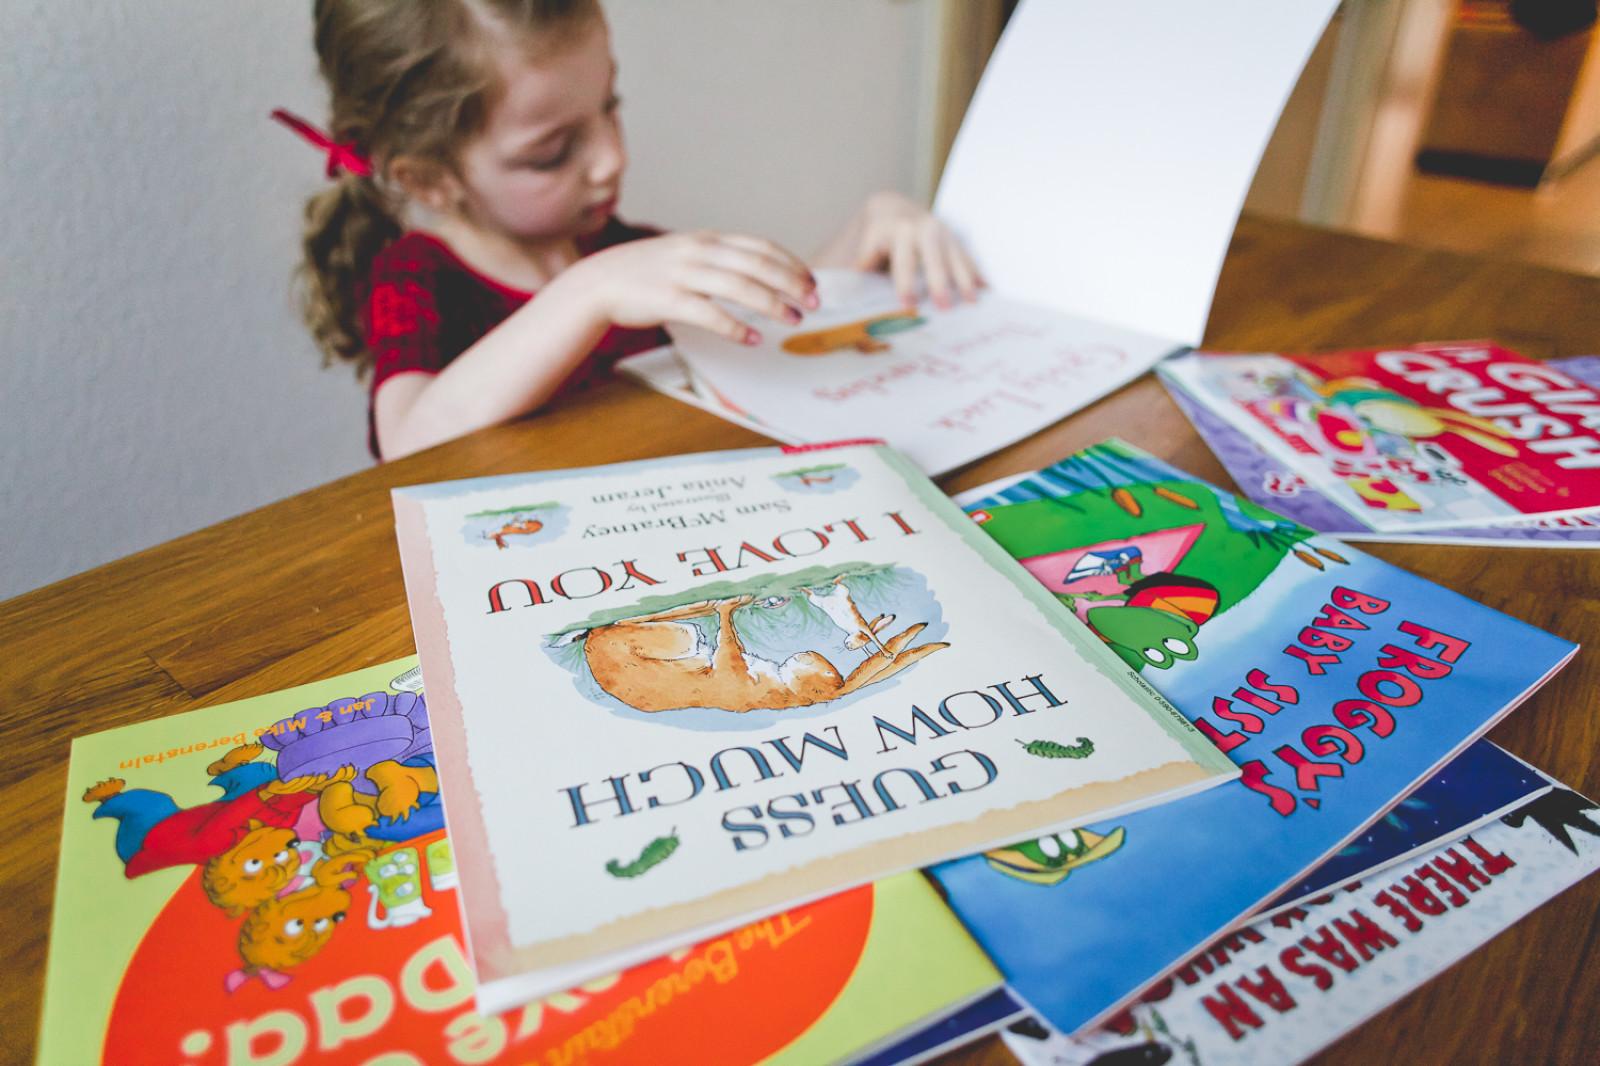 Le Club de lecture Scholastic – Quand la lecture devient un truc de famille